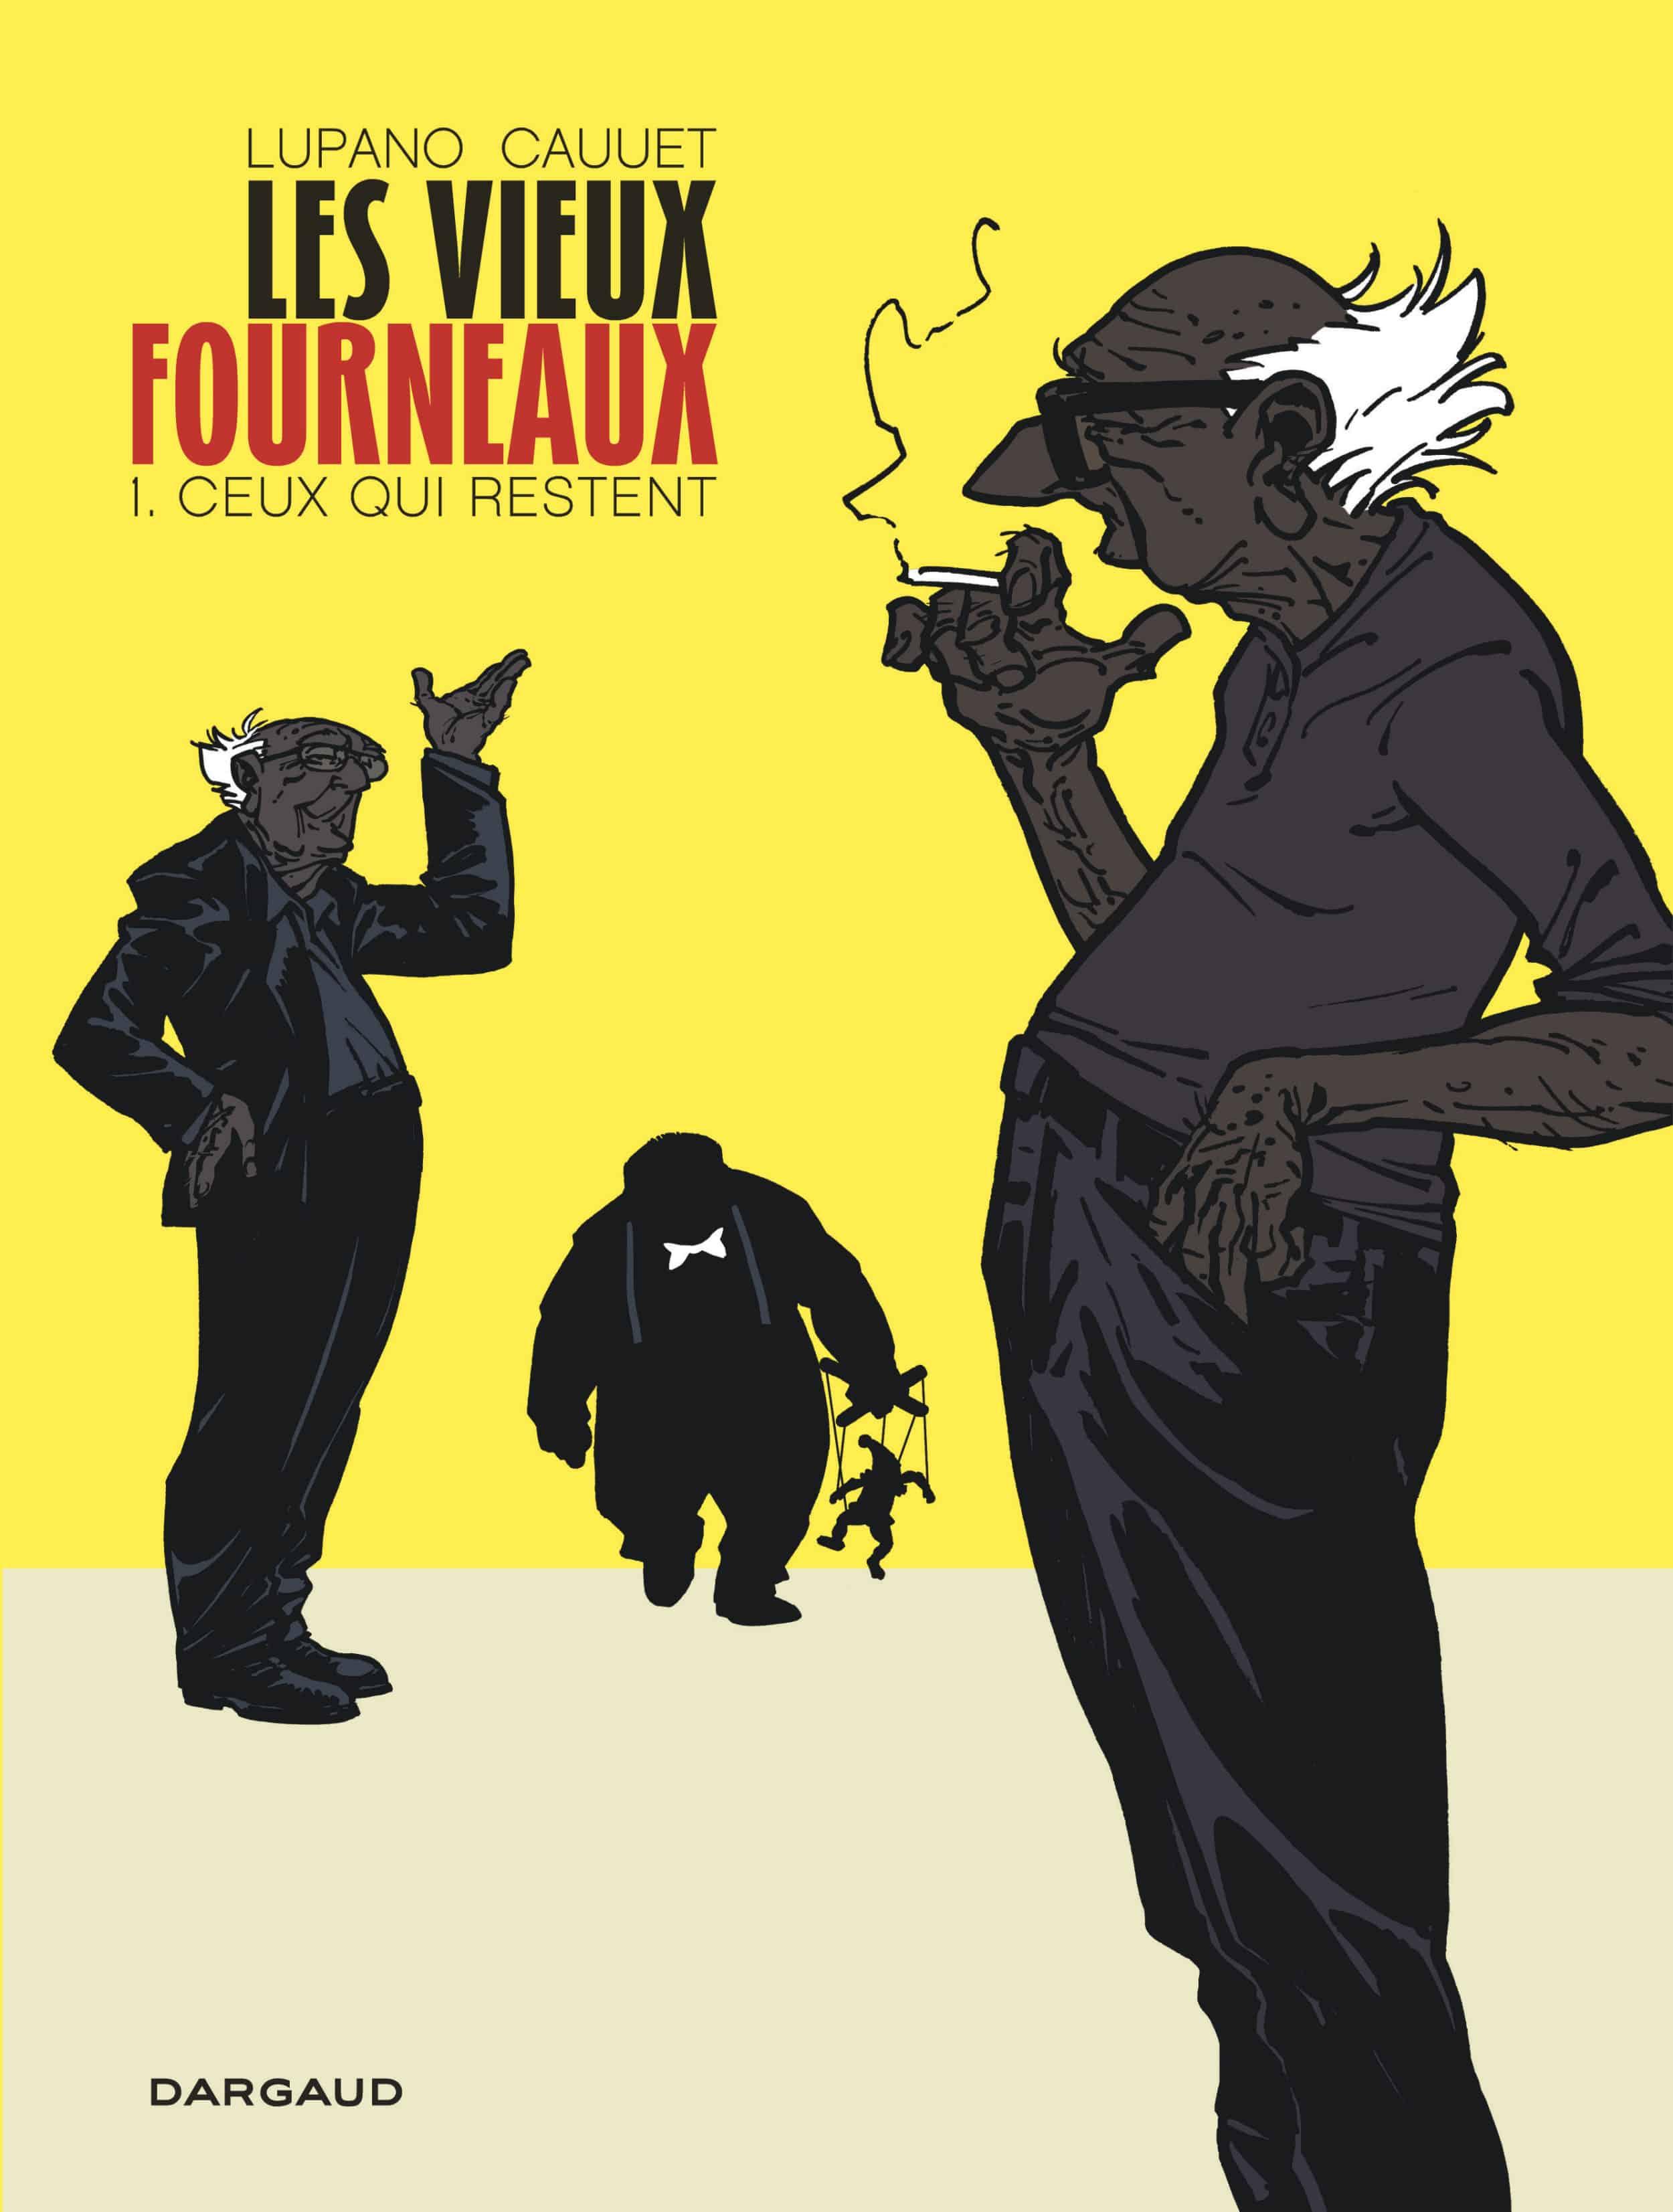 Les Vieux Fourneaux reçoit le Prix des Libraires de BD 2014